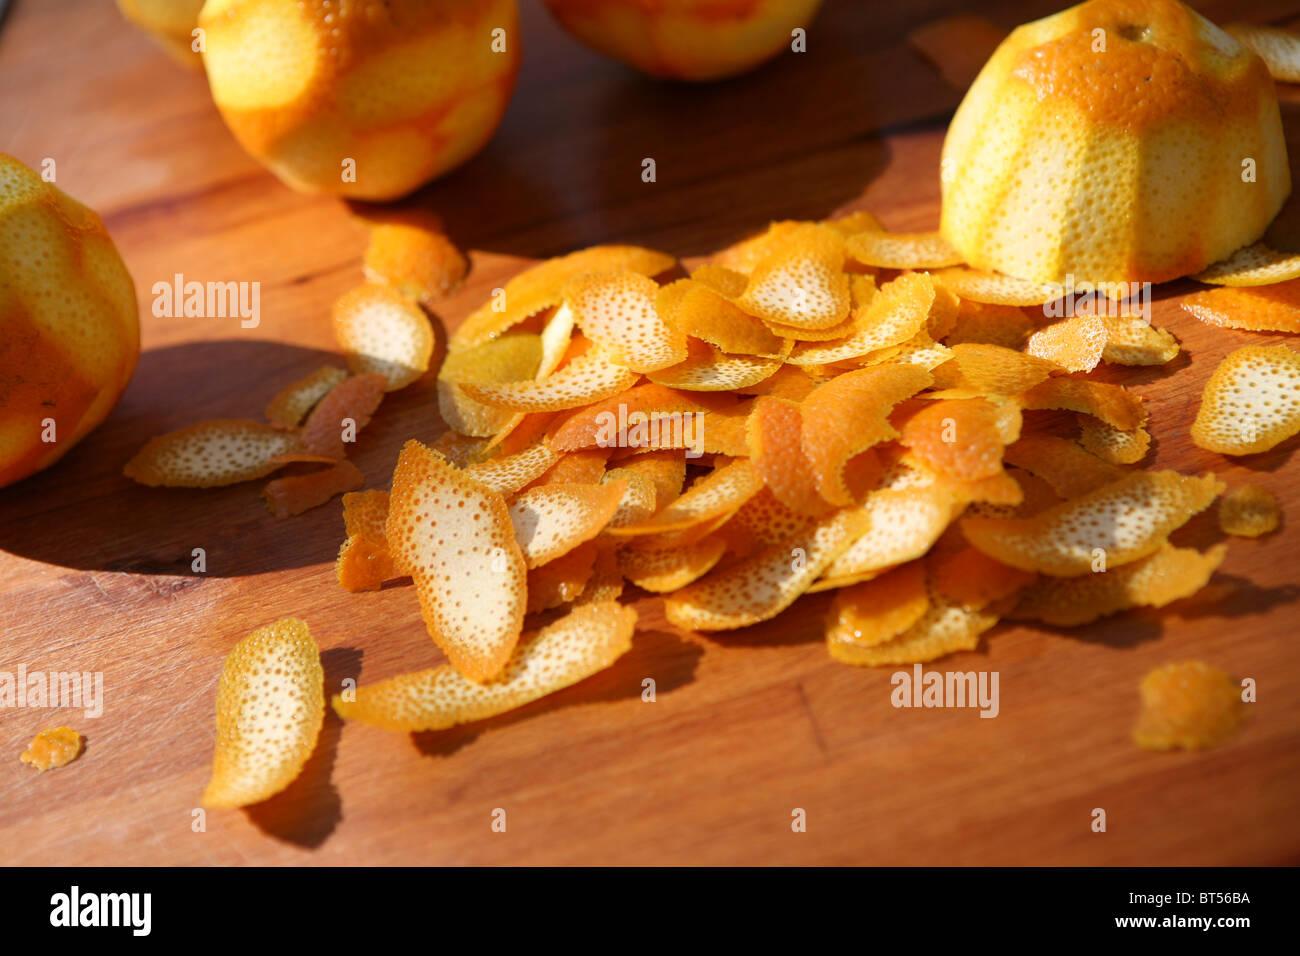 Pila di buccia d'arancia su un tagliere di legno, all'esterno. Immagini Stock